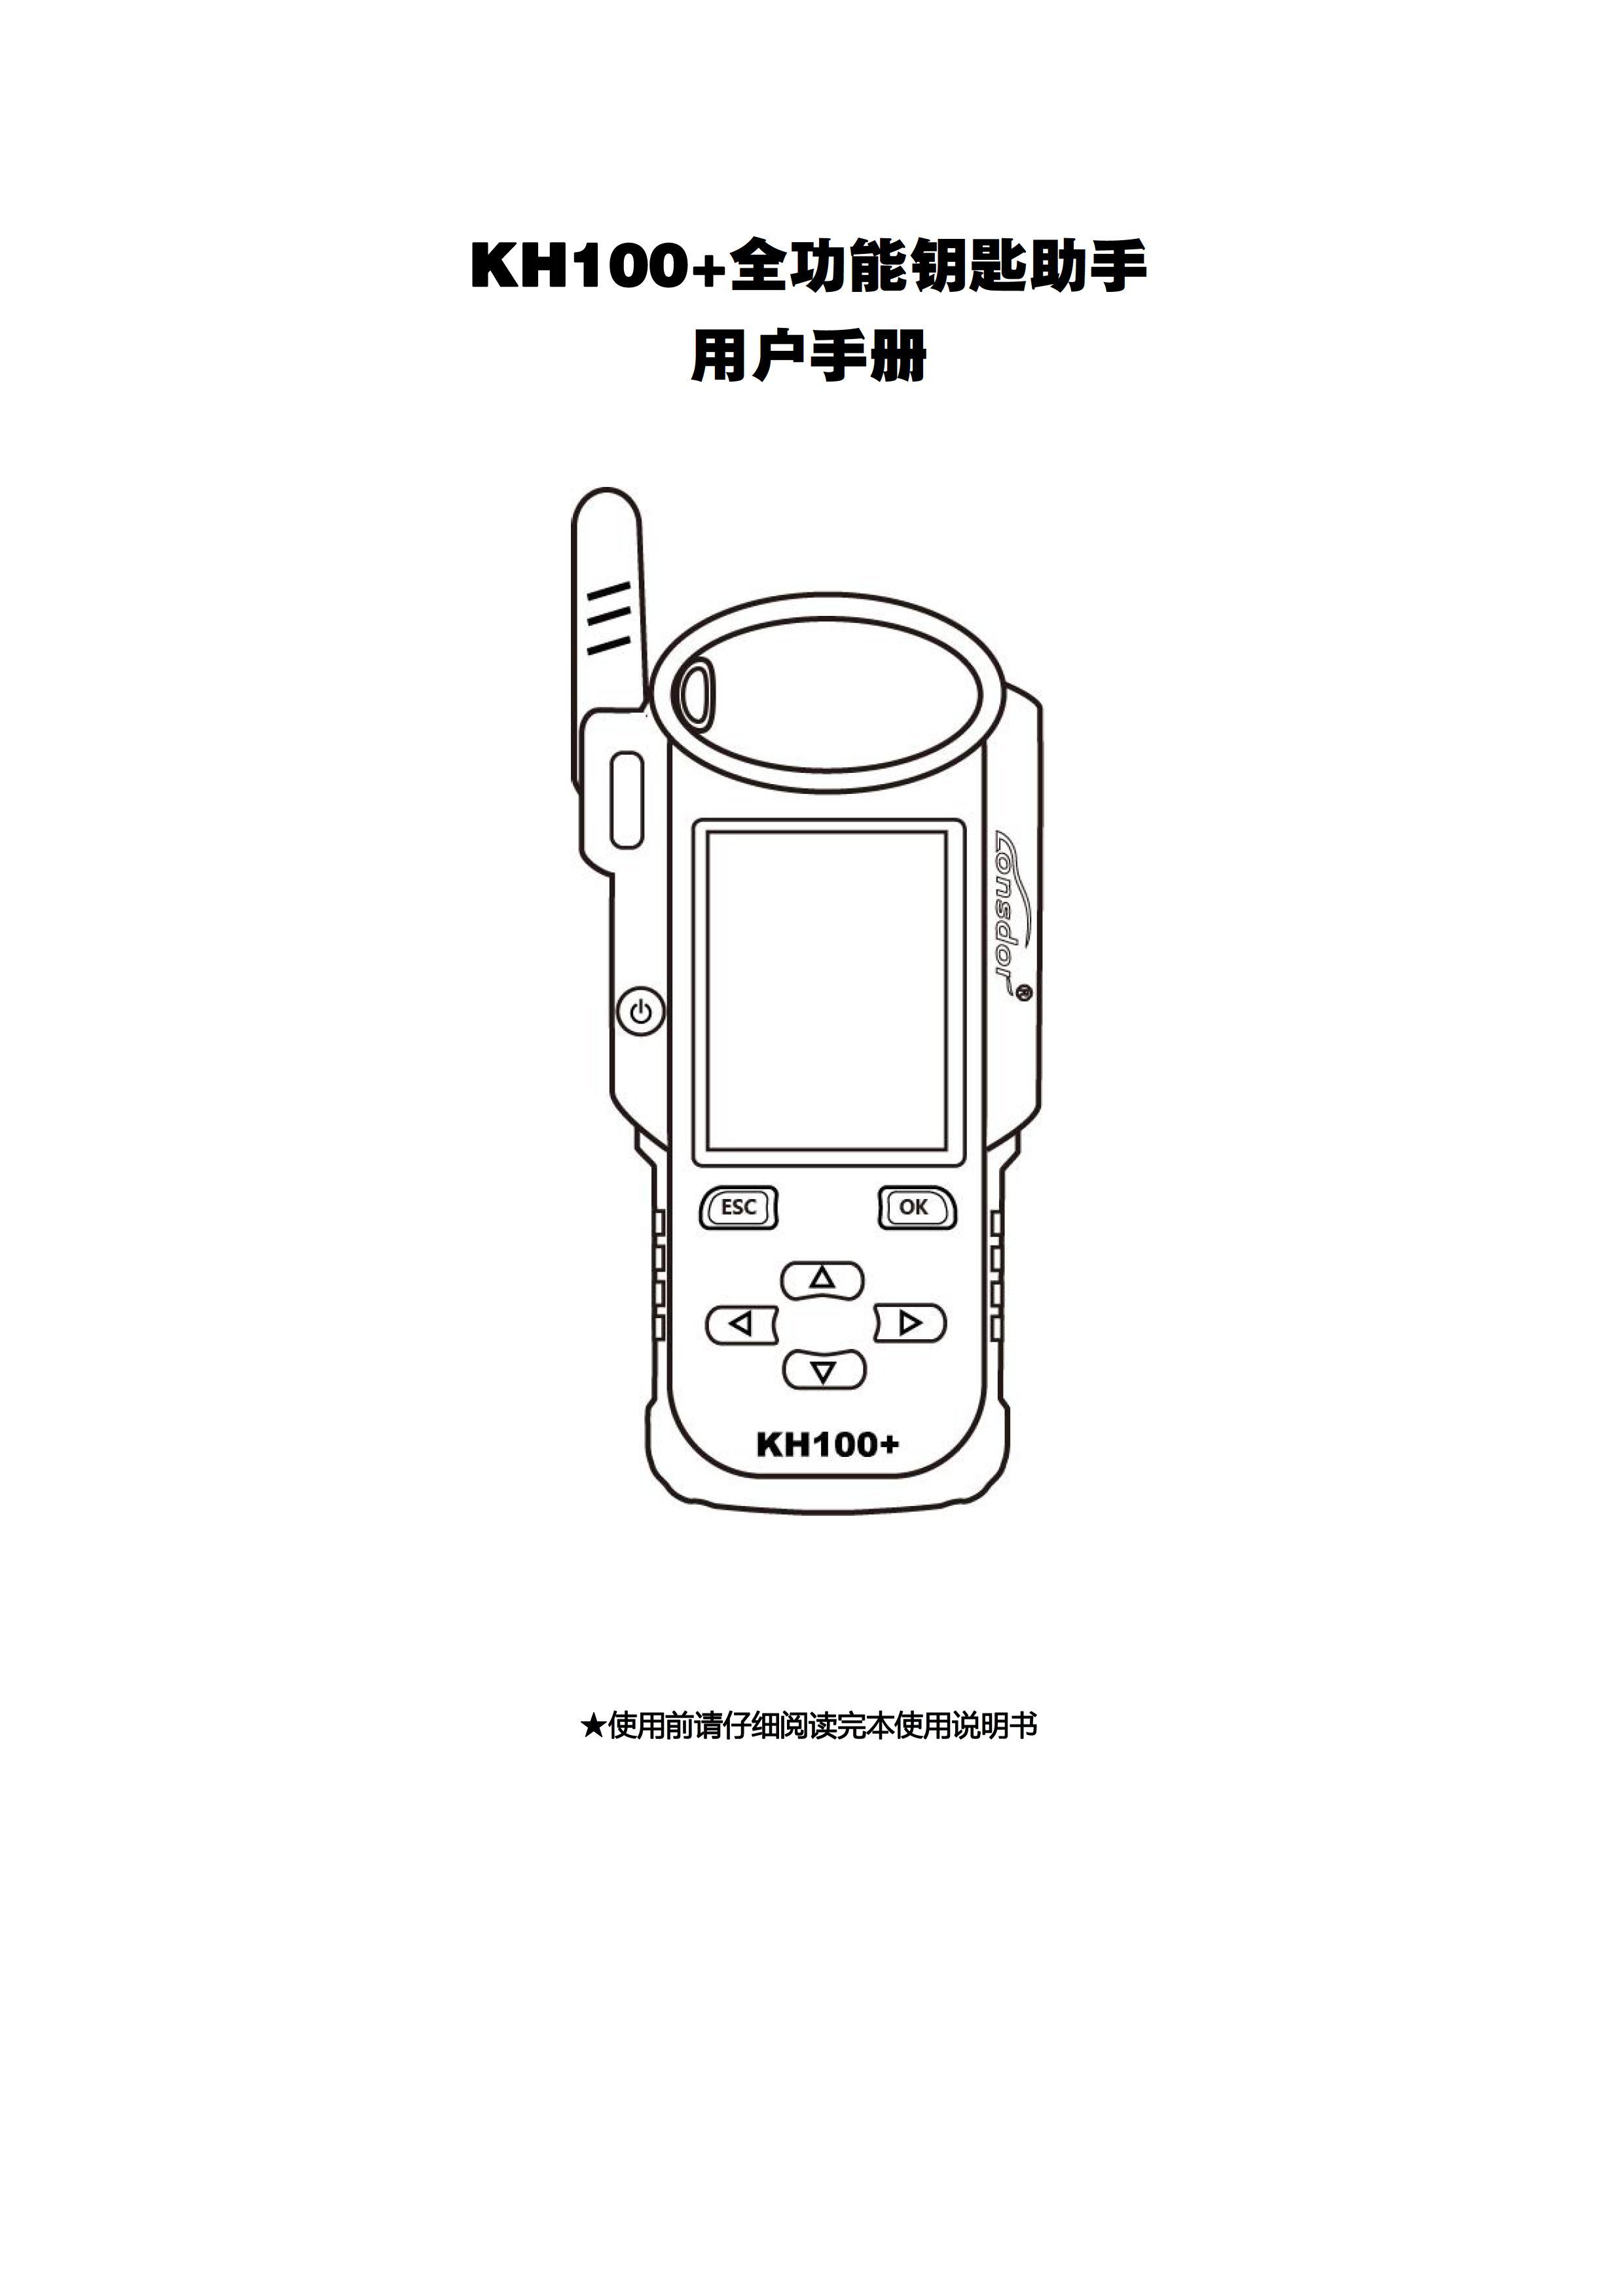 KH100说明书(110mmX75mm彩色印刷)正式版20200318 - 0001